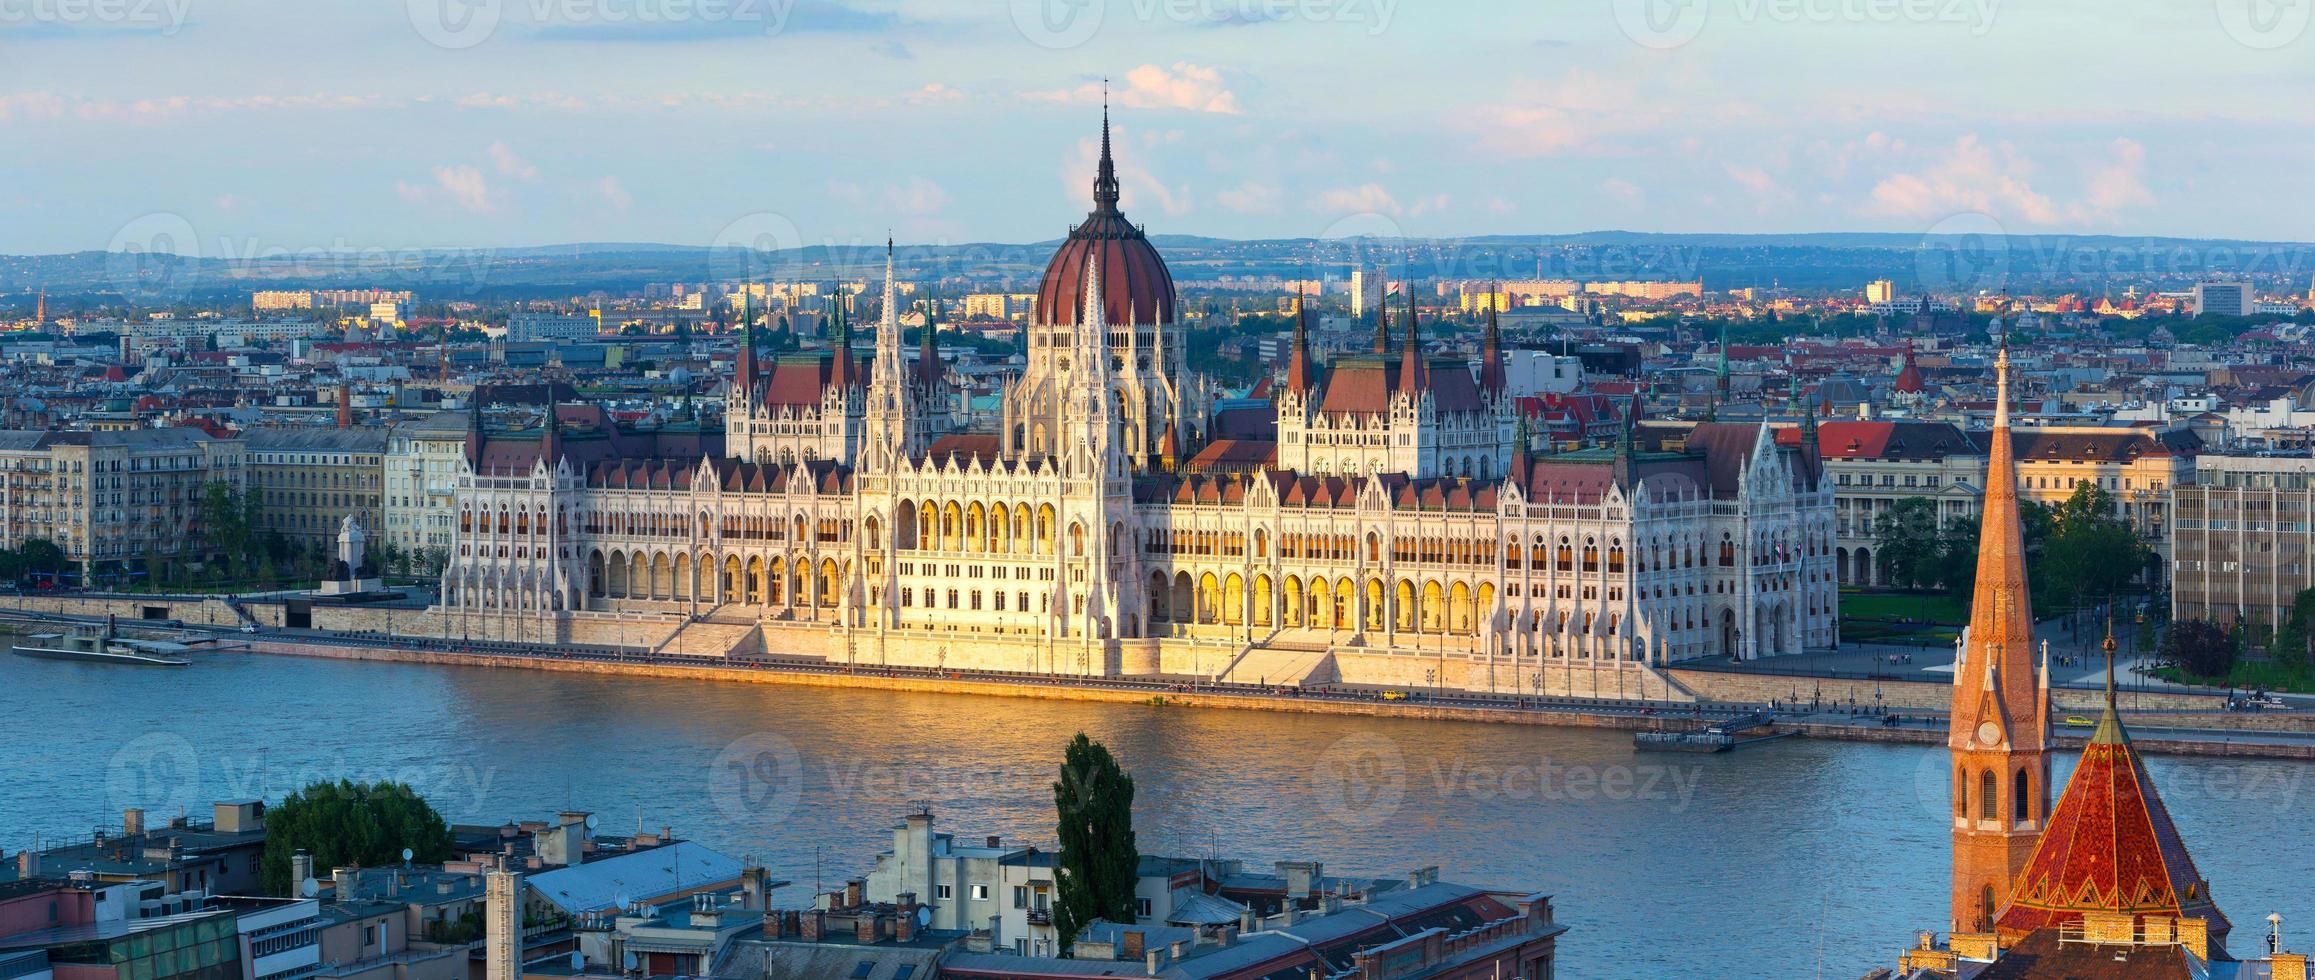 parlement de budapest photo